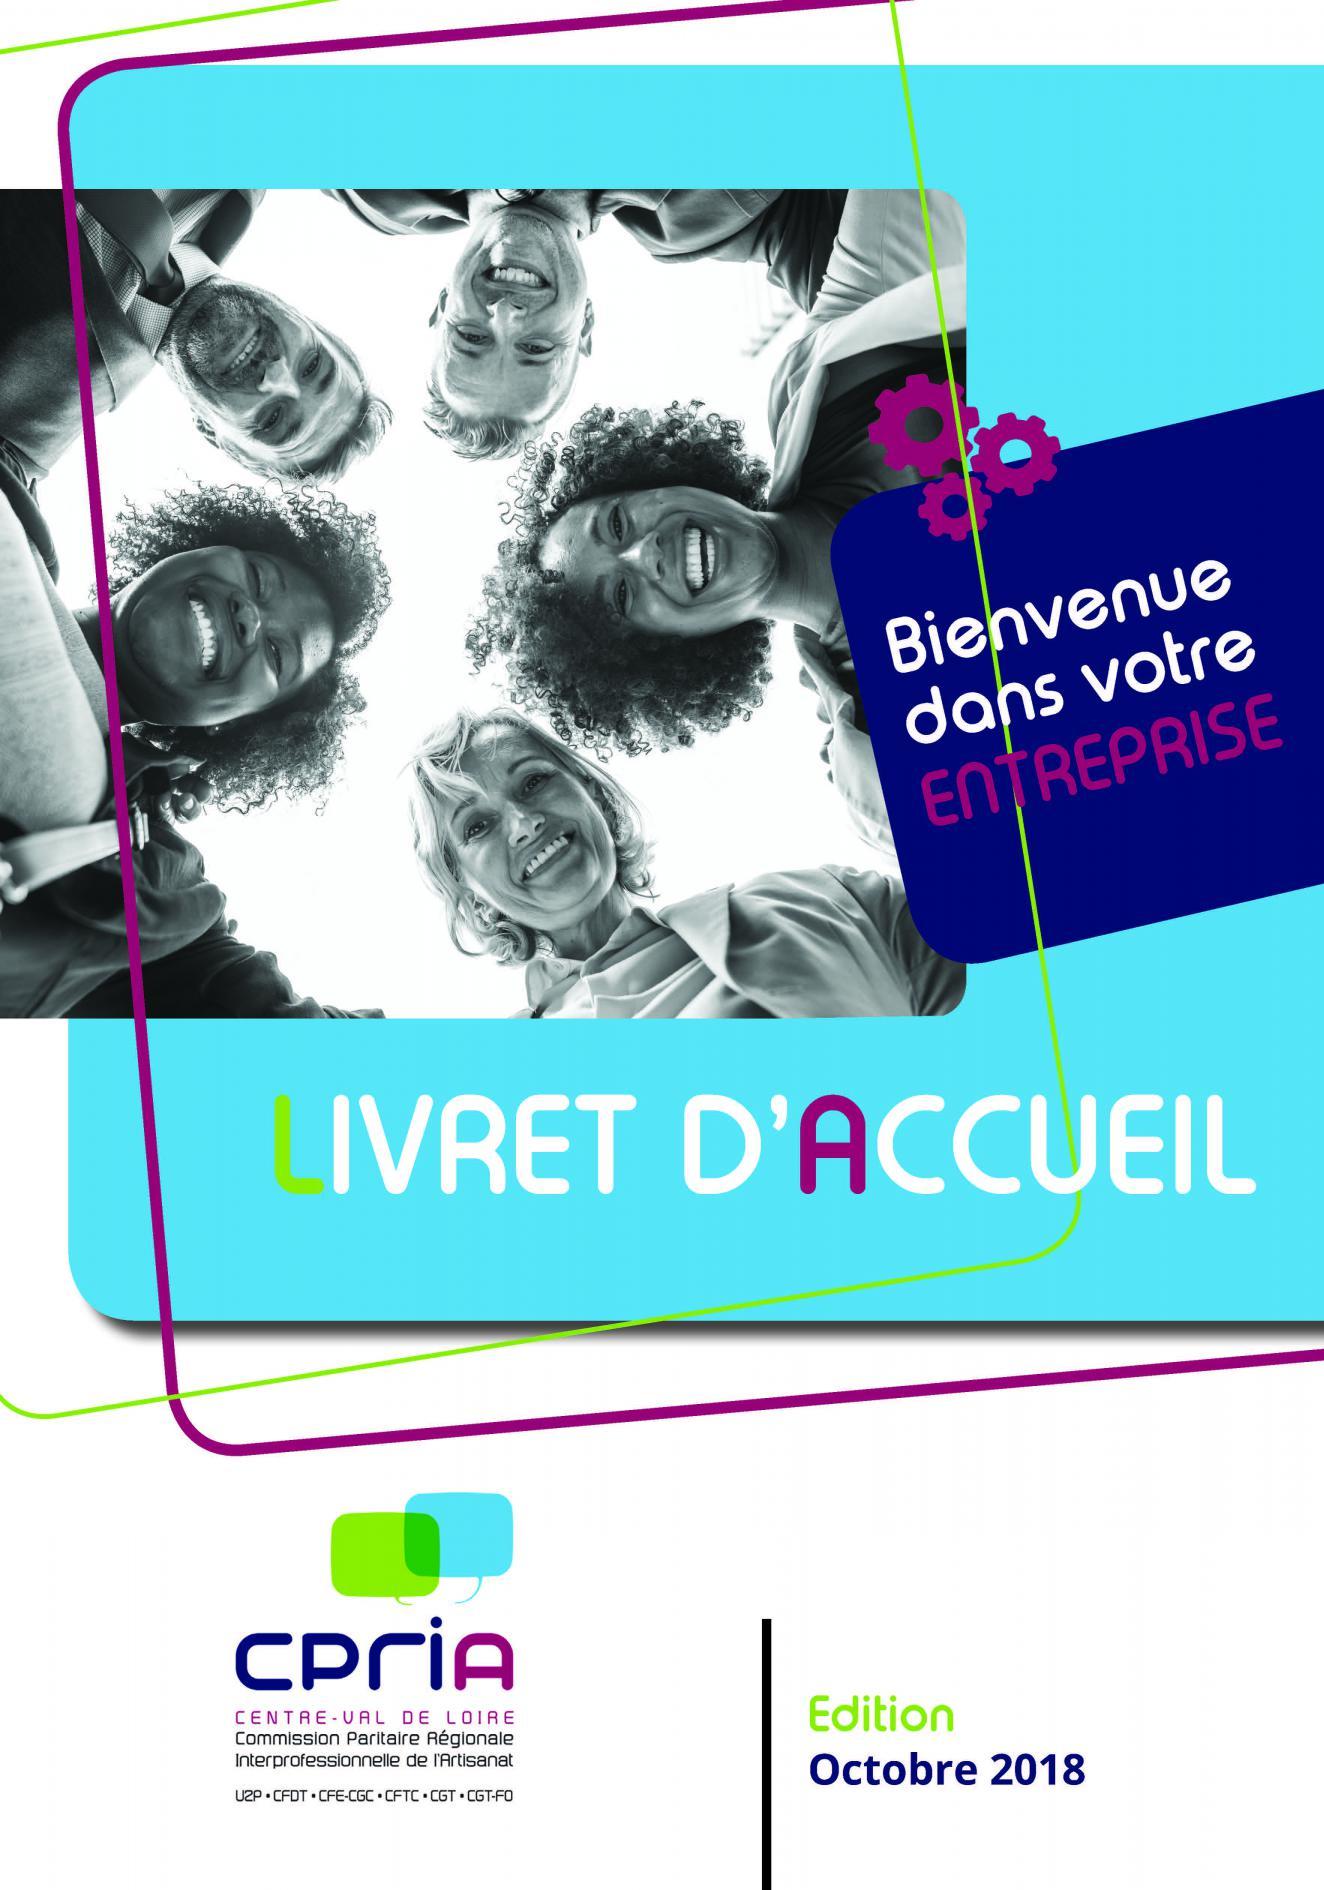 Le Livret D Accueil De La Crpia Centre Val De Loire Centre Val De